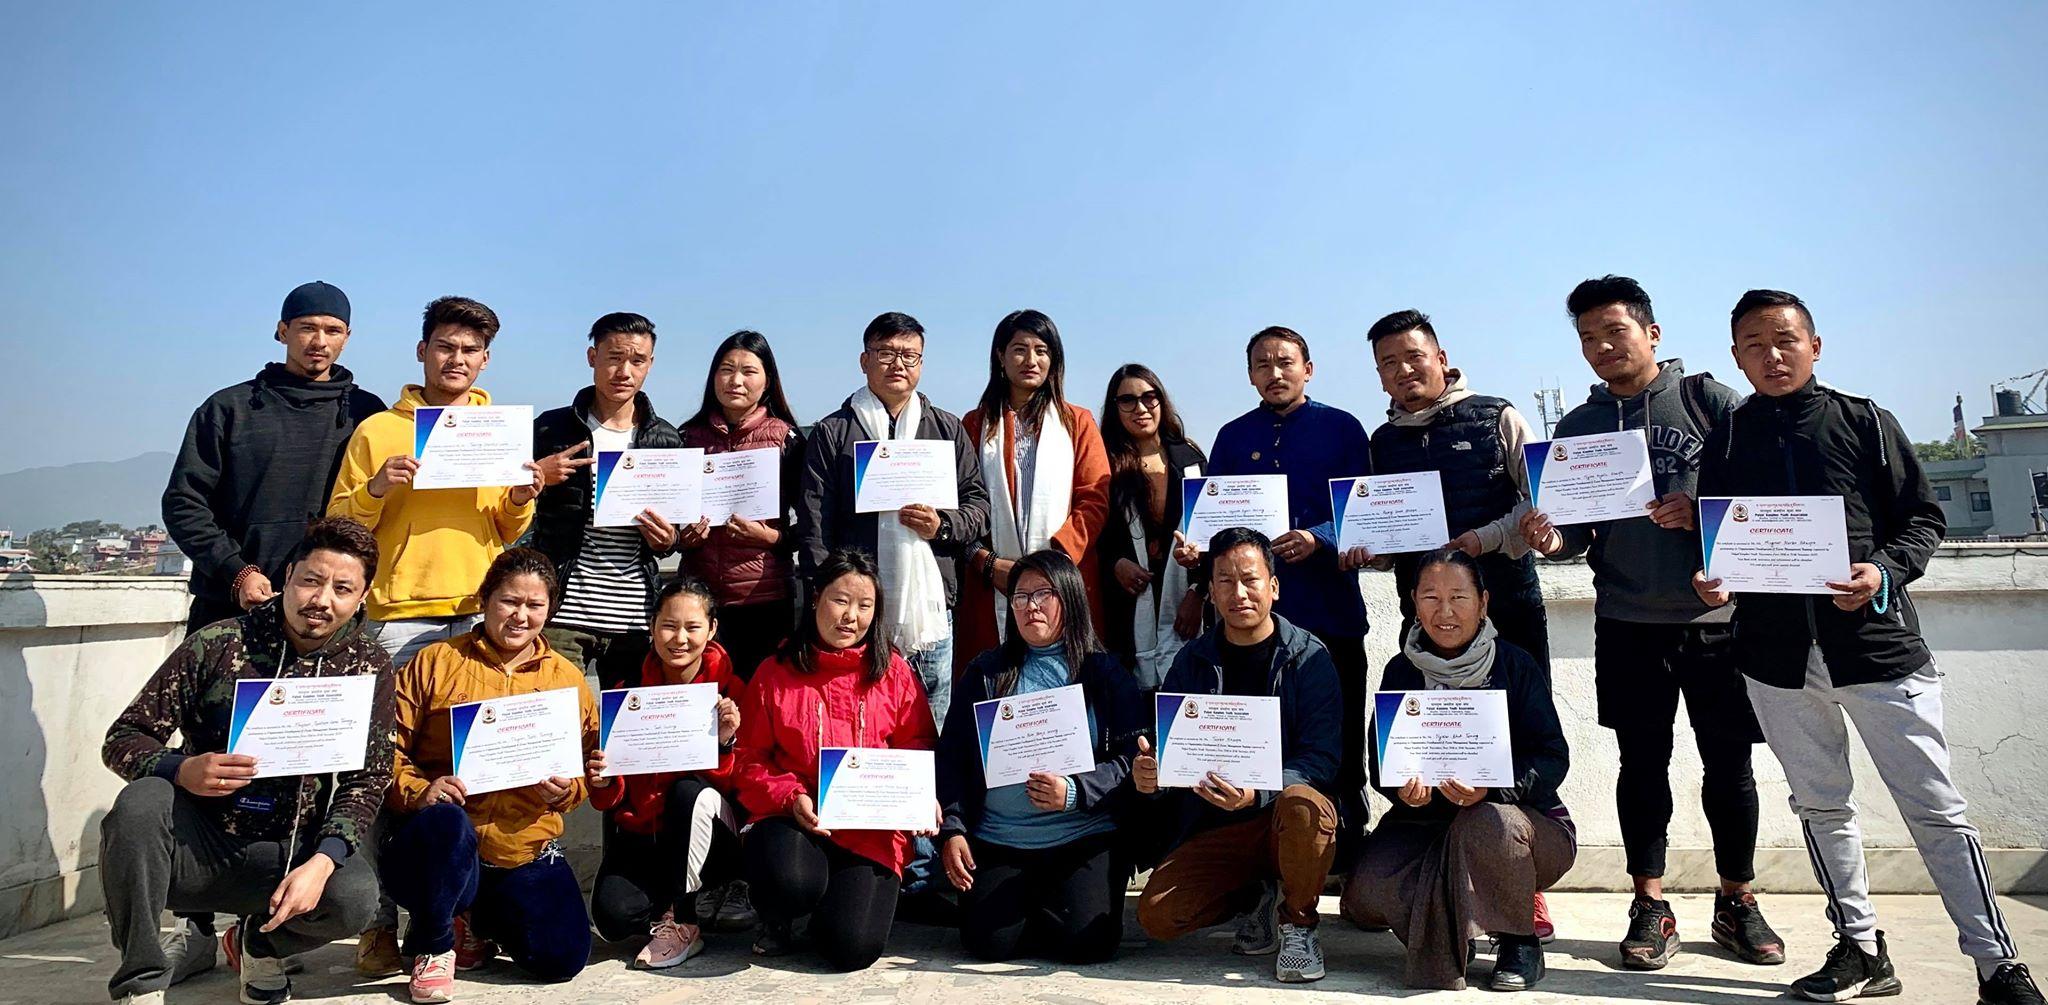 पल्युल जनहित युवा संघले आयोजना गरेको ३ दिने तालिम सम्पन्न